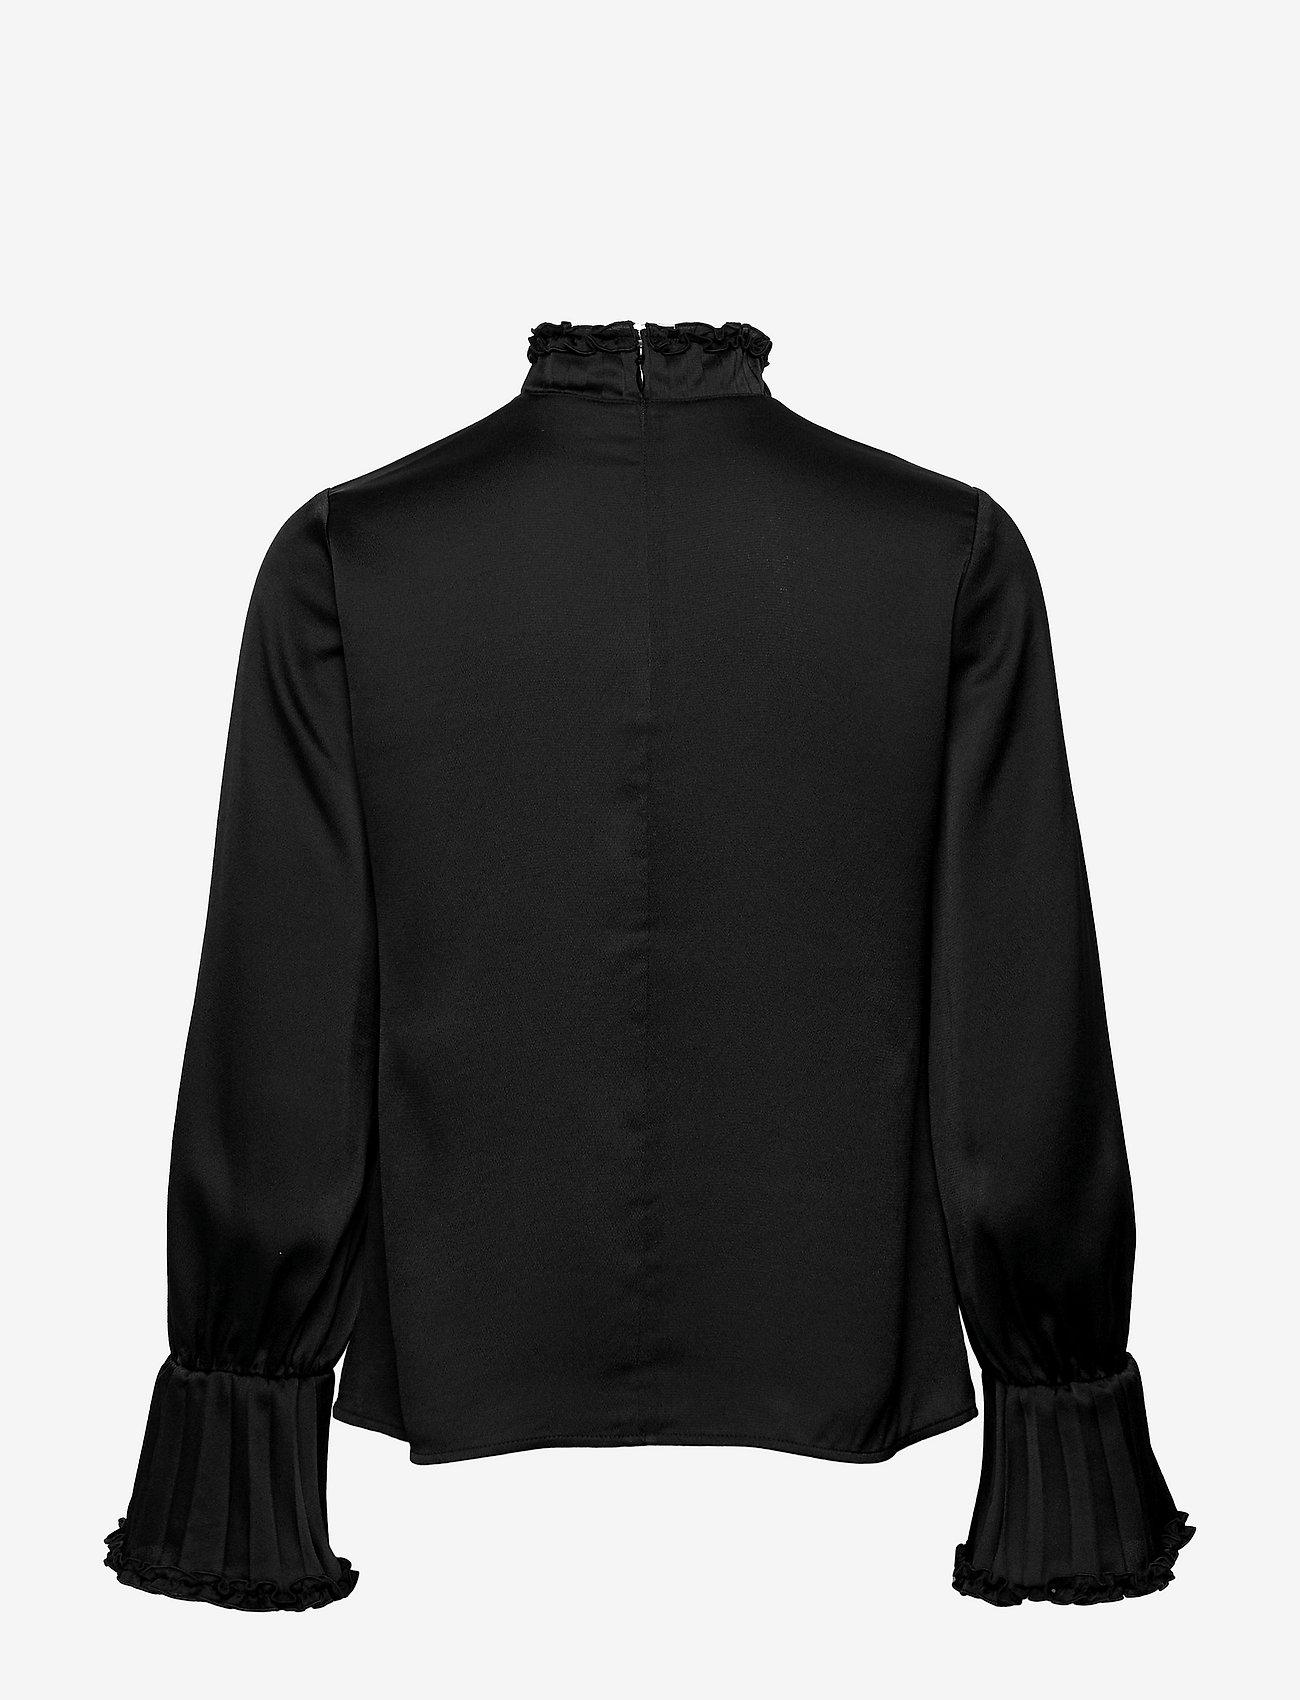 Ivy & Oak - LOBIVIA - long sleeved blouses - black - 1